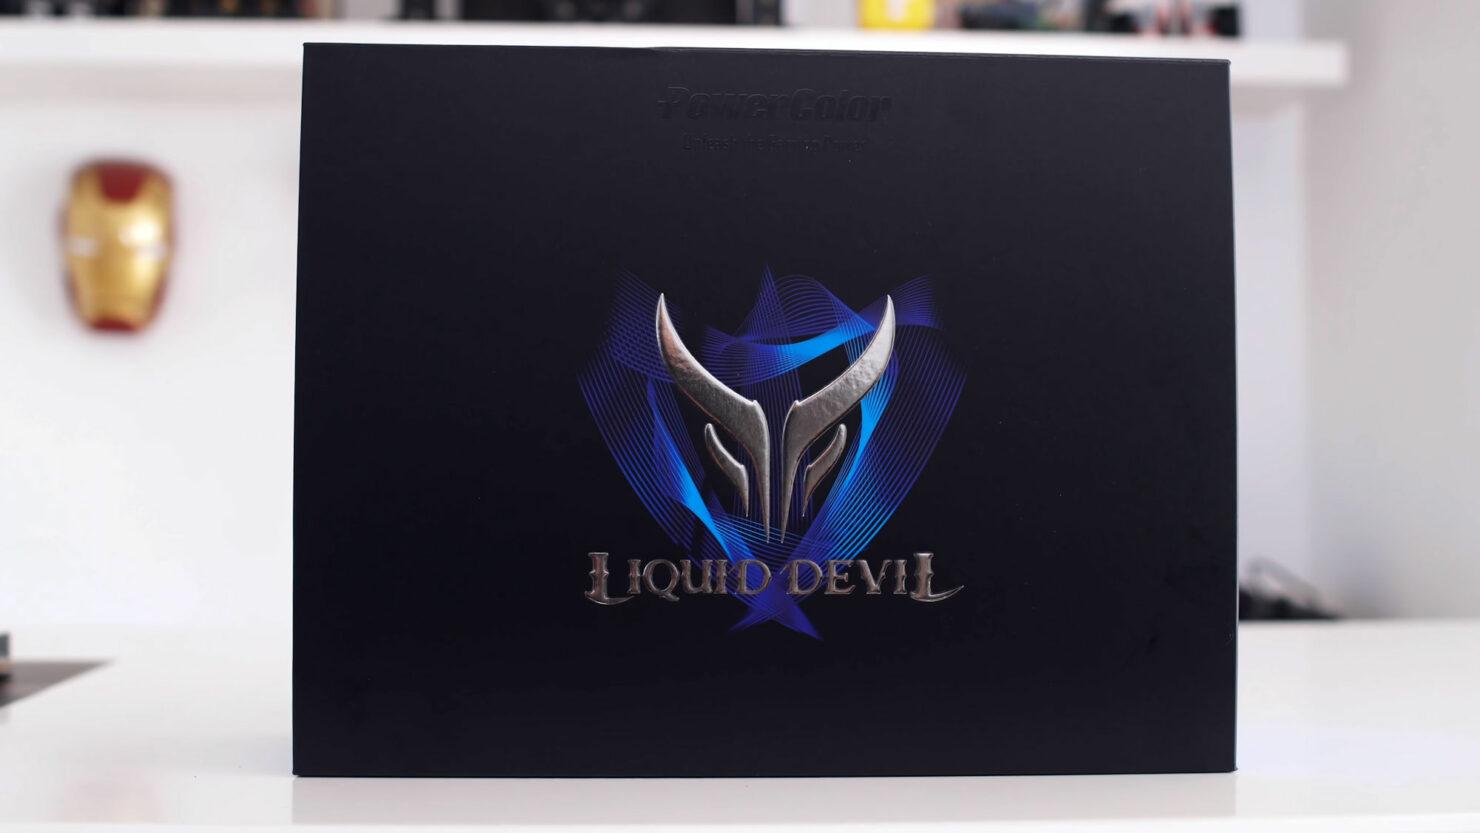 PowerColor و رونمایی از Radeon RX 5700 XT Liquid Devil